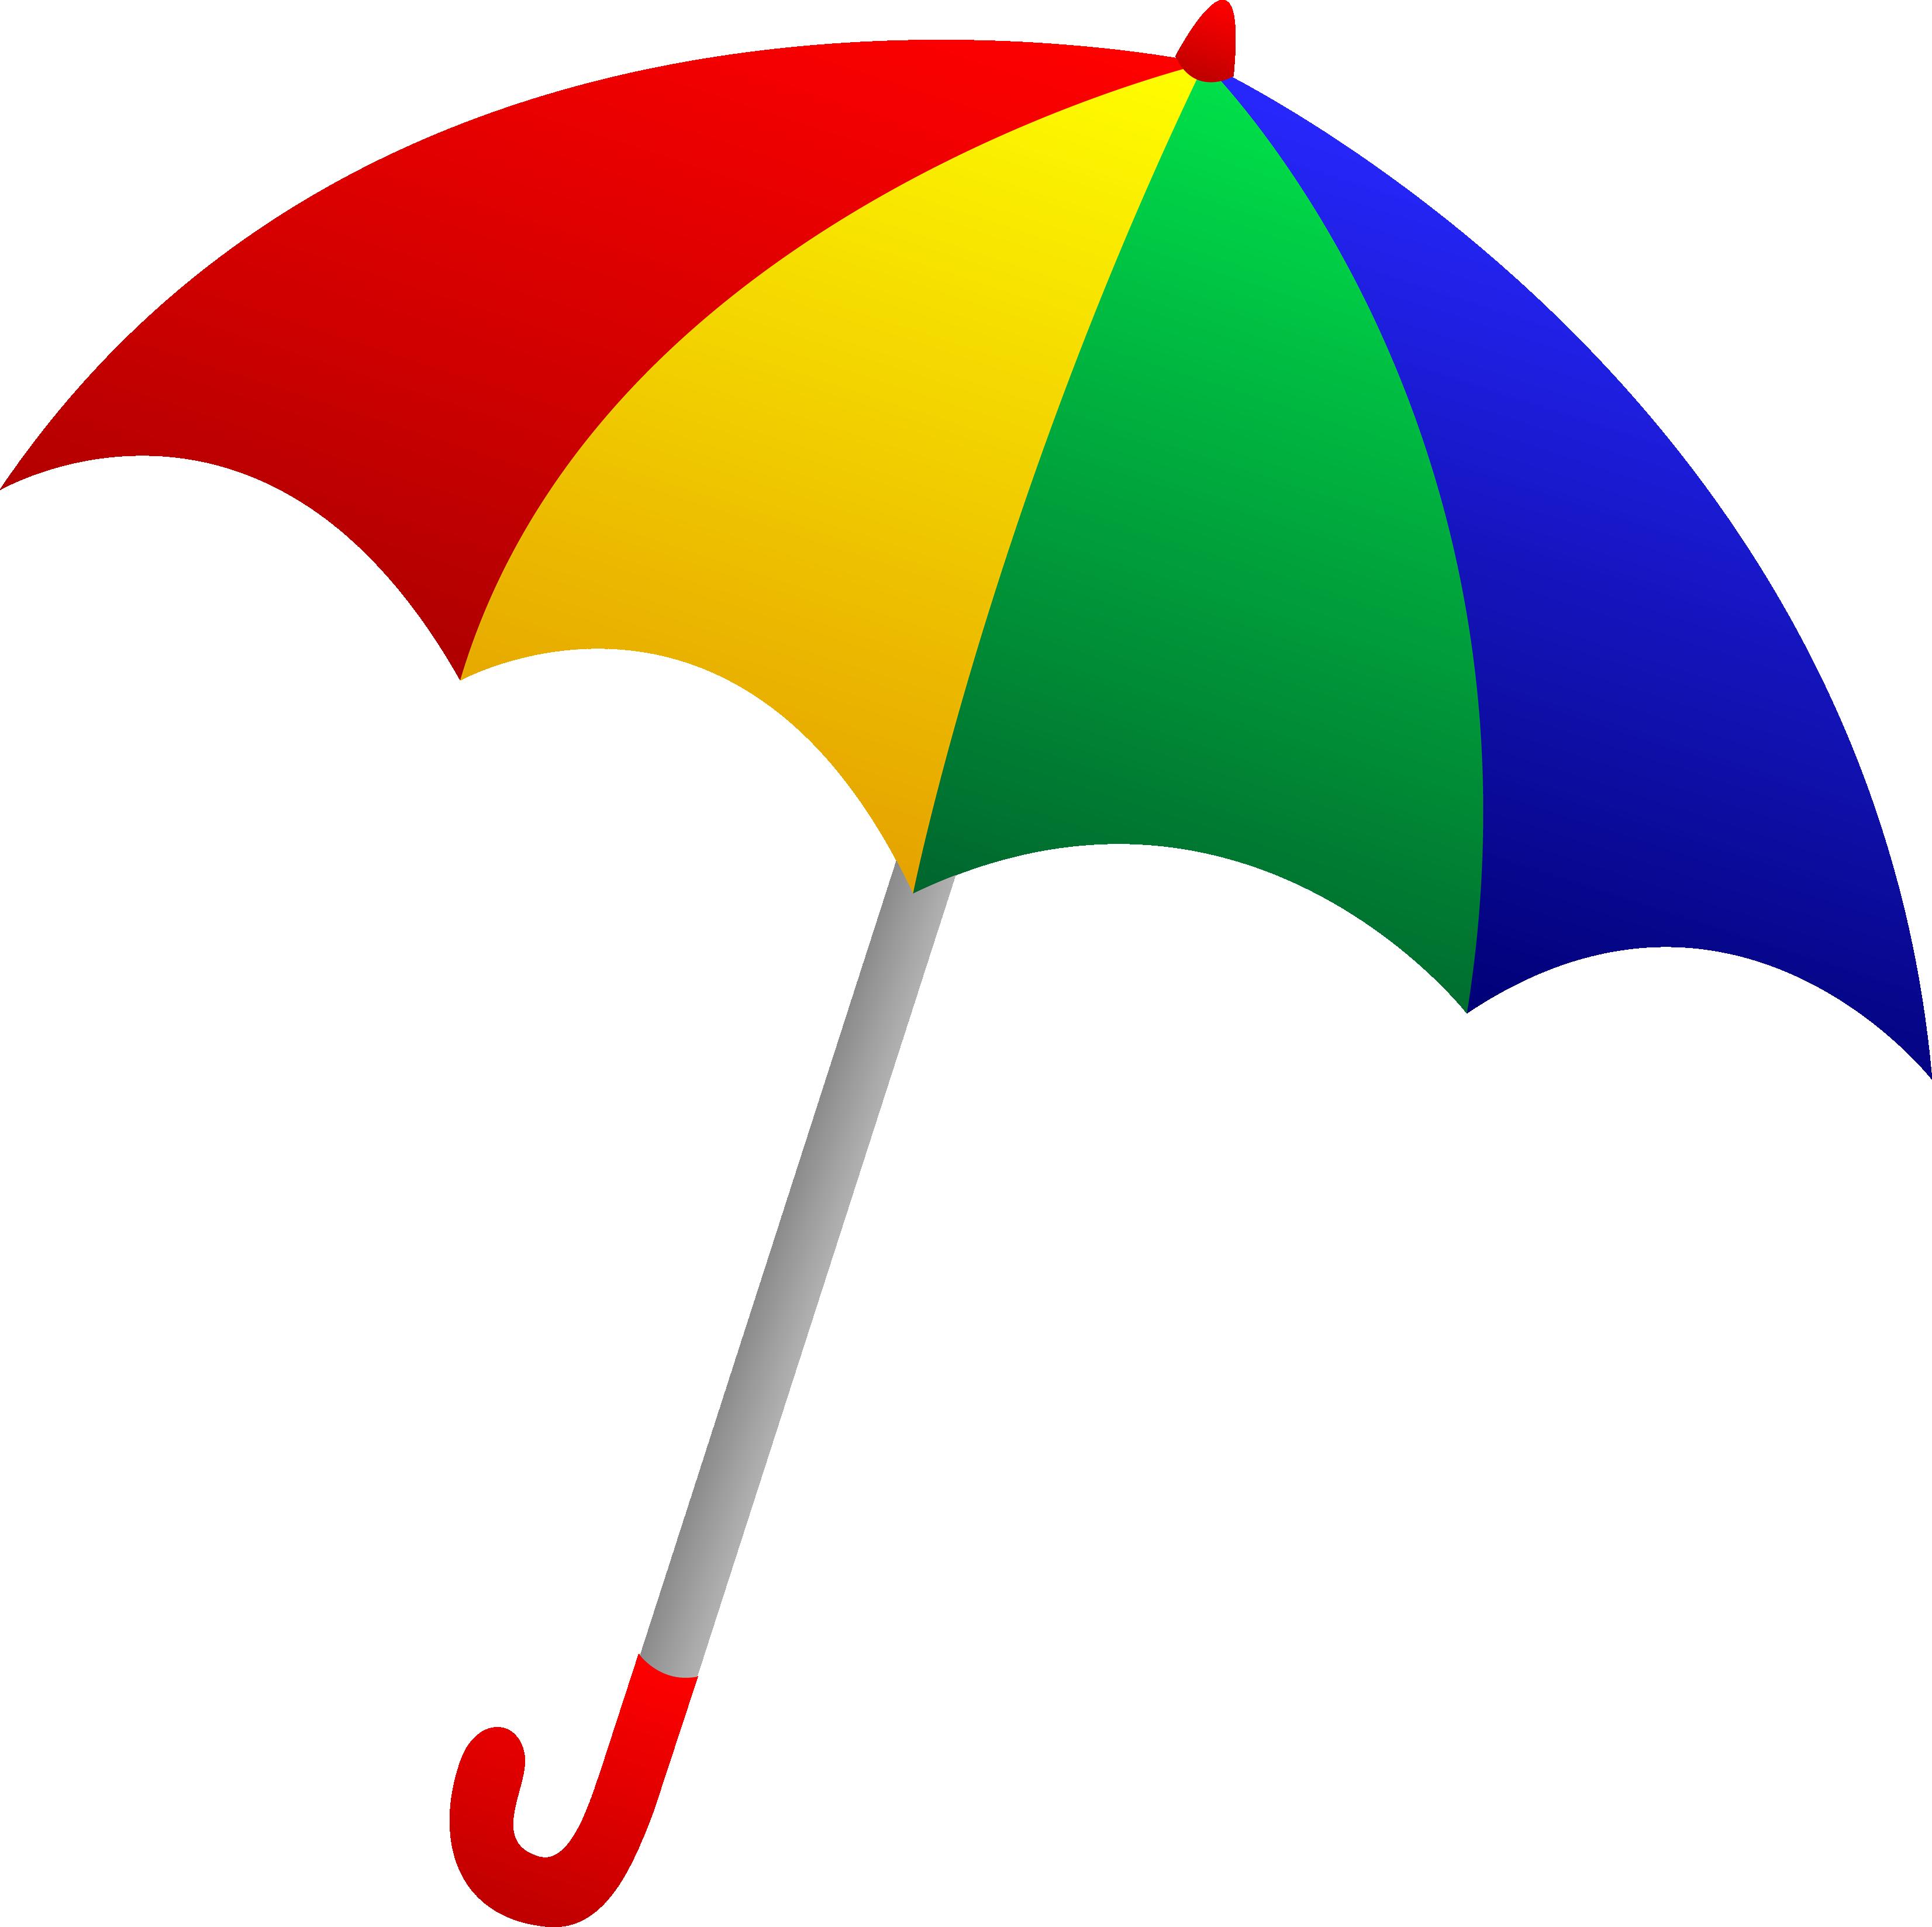 Umbrella Clipart Images.